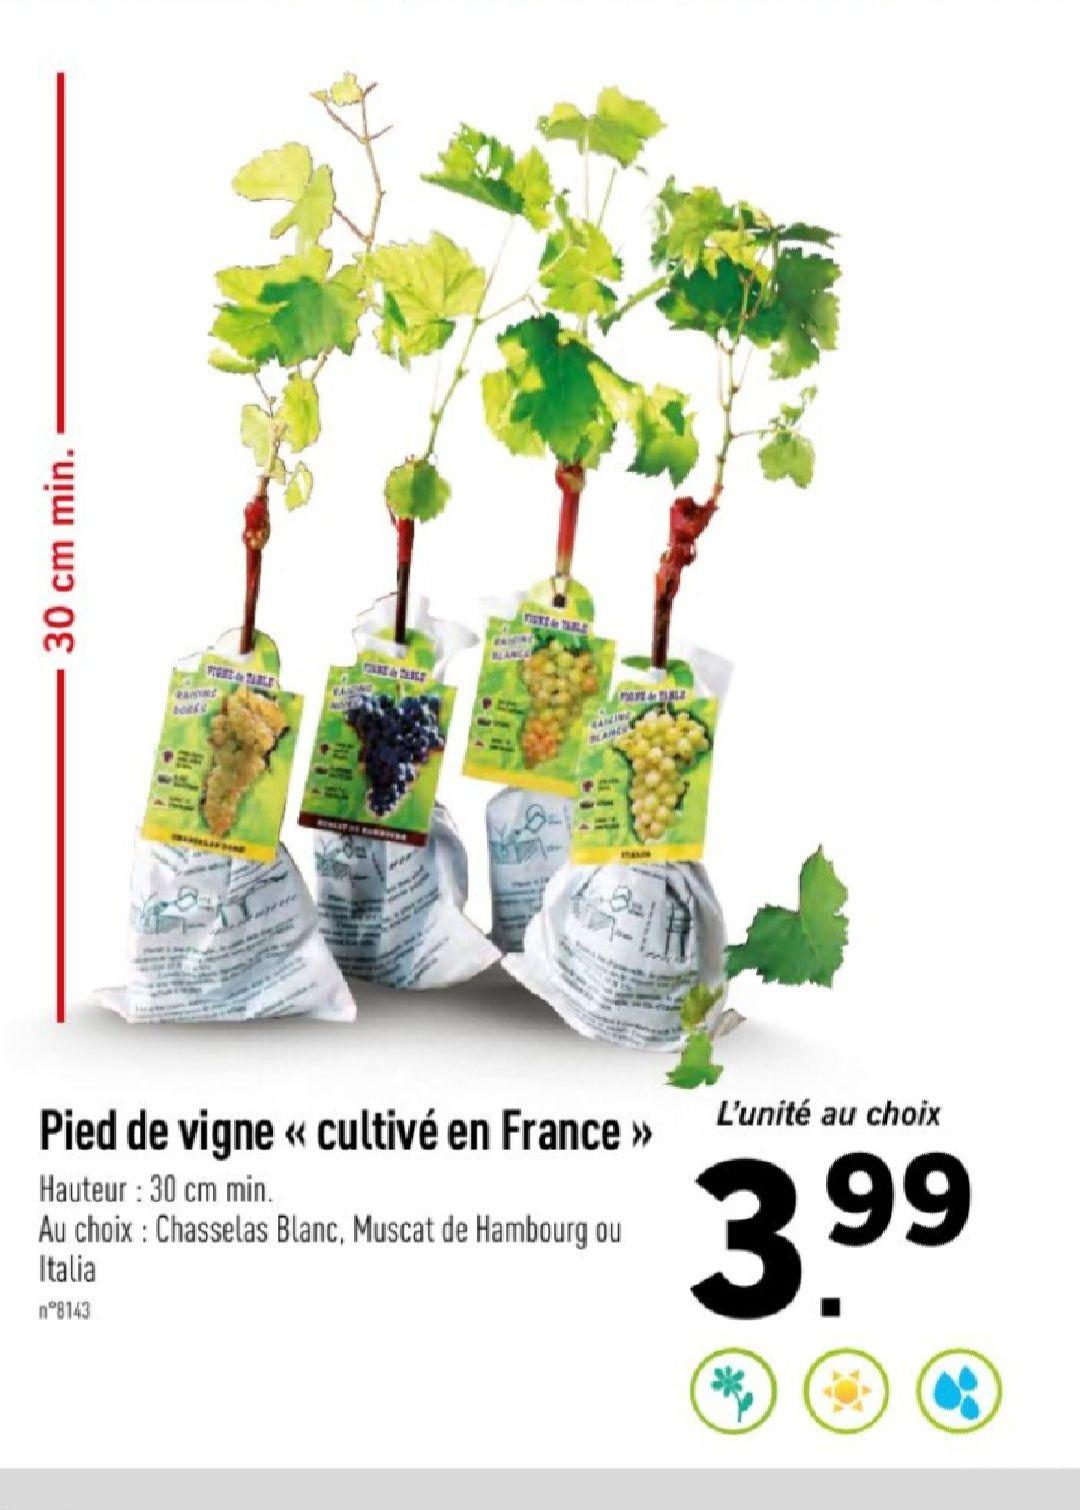 Pied de vigne - Hauteur 30 cm minimum